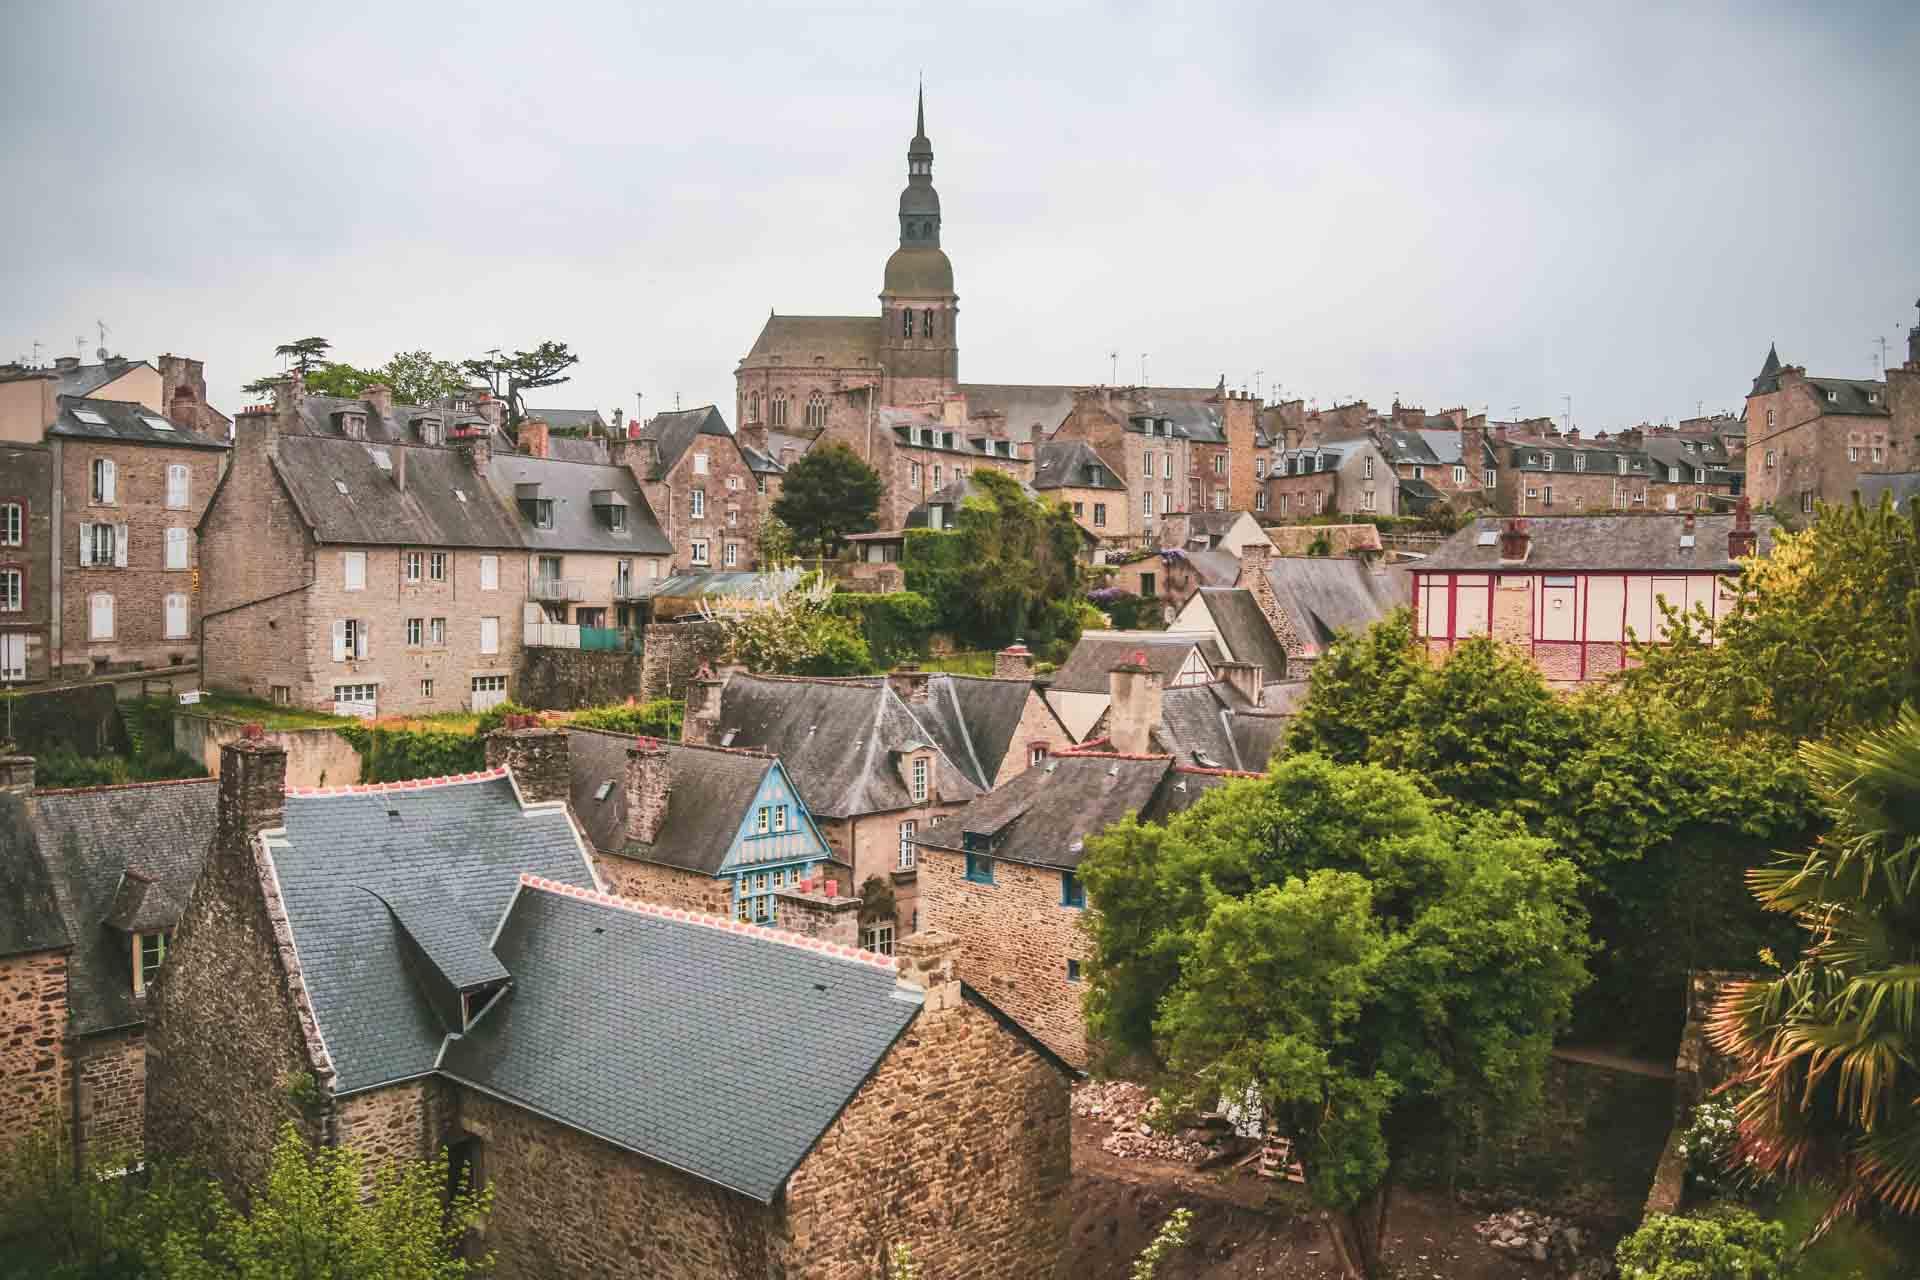 Point de vue sur Dinan - Bretagne